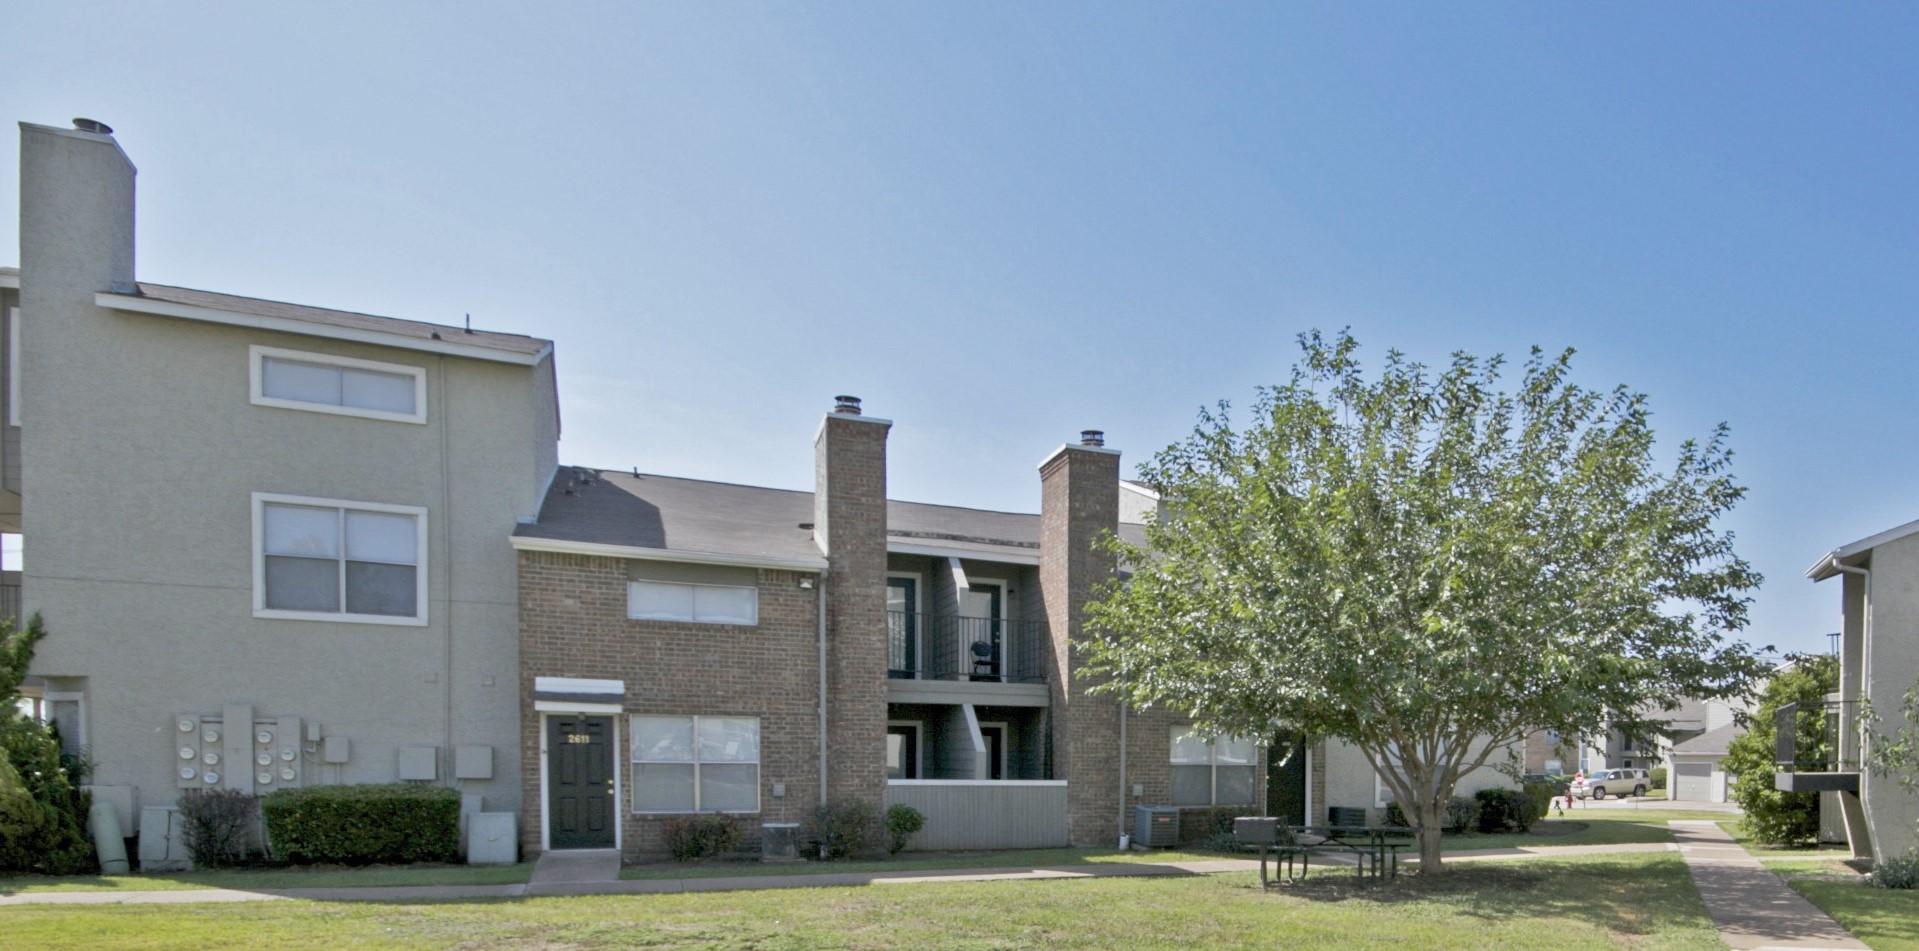 Affordable Apartments at Quail Ridge Apartments in Grand Prairie, Texas